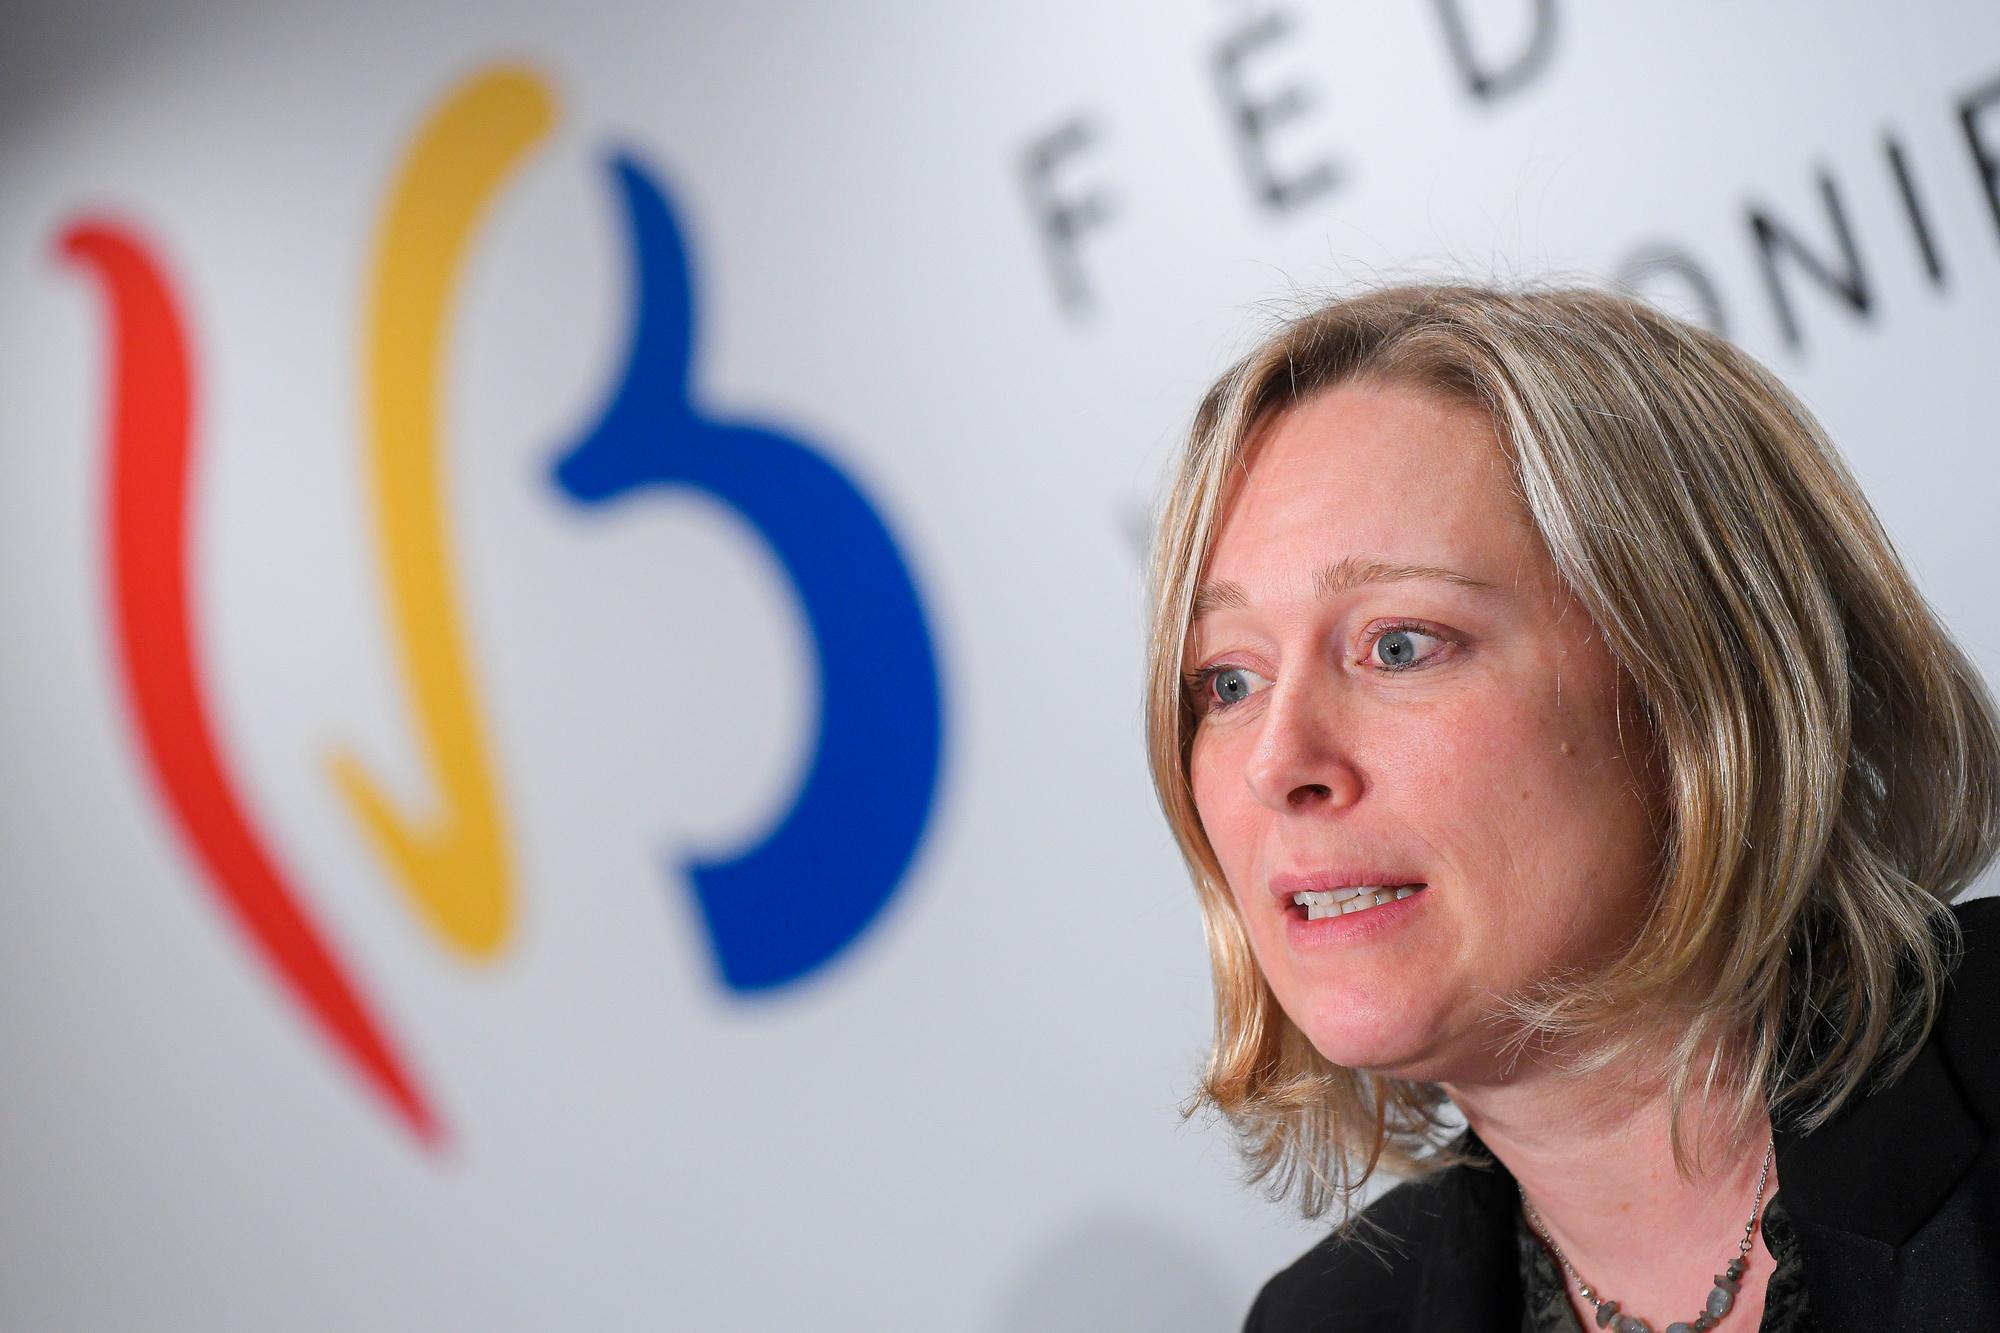 Bénédicte Linard (Ecolo), ministre wallonne de l'Enfance, de la Santé, de la Culture, des Médias et des Droits des Femmes, BELGA PHOTO LAURIE DIEFFEMBACQ